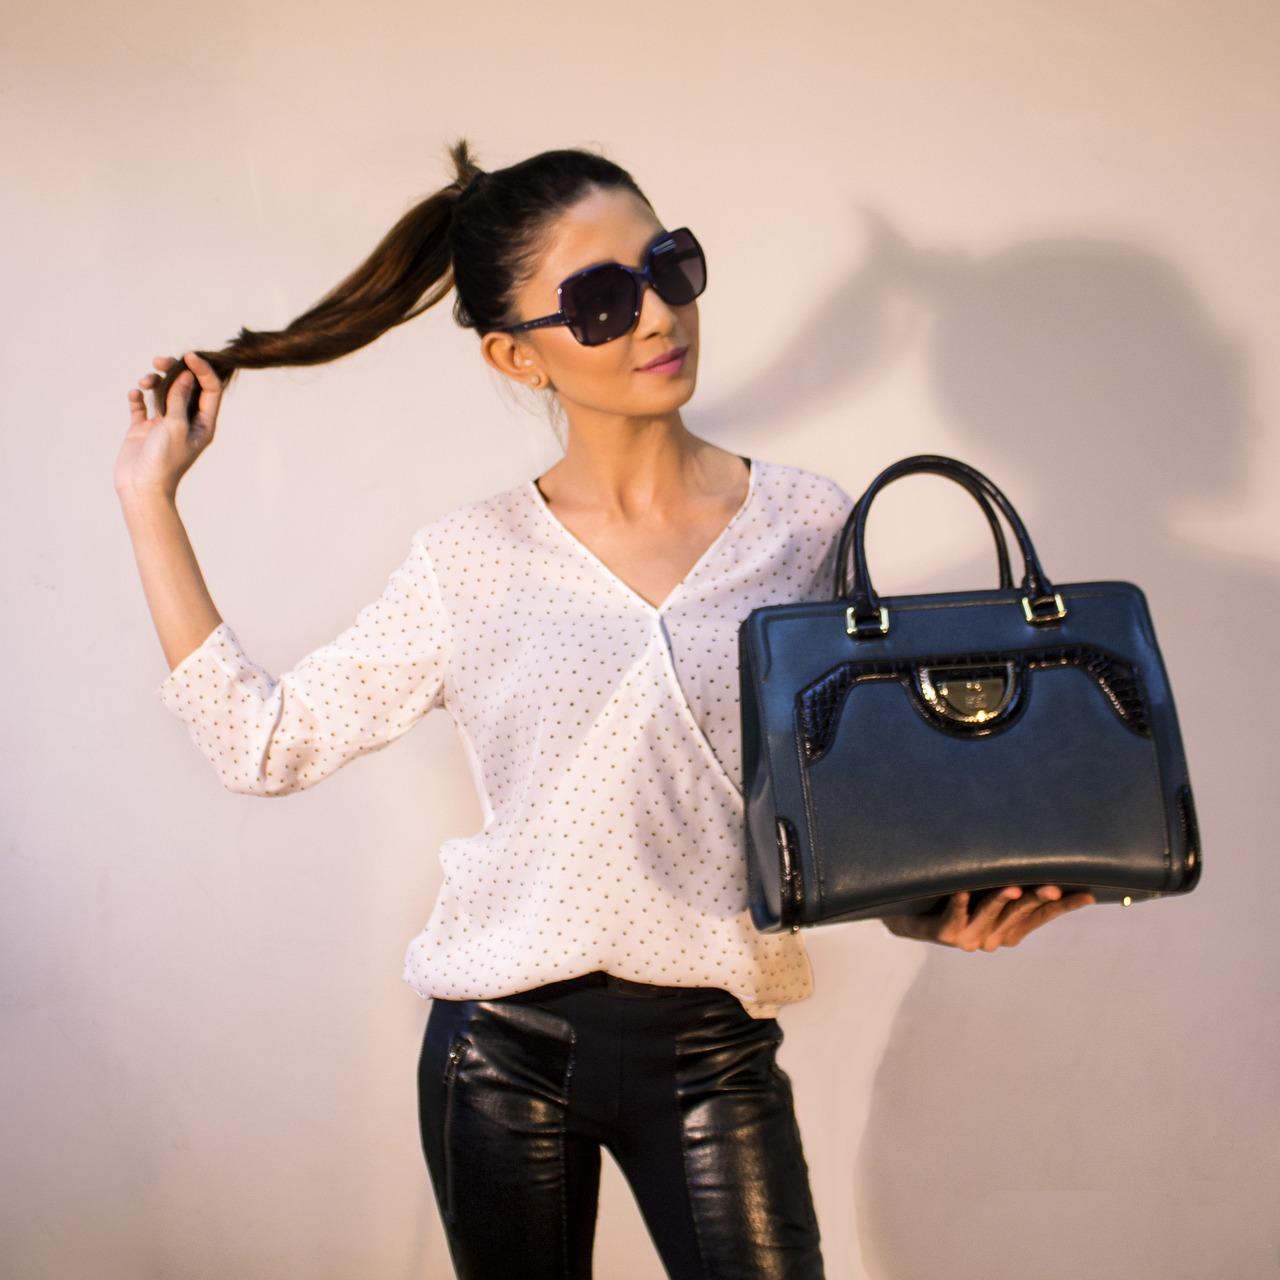 torebki calvin klein W spodniach czy w sukience - poczuj się wyjątkowo